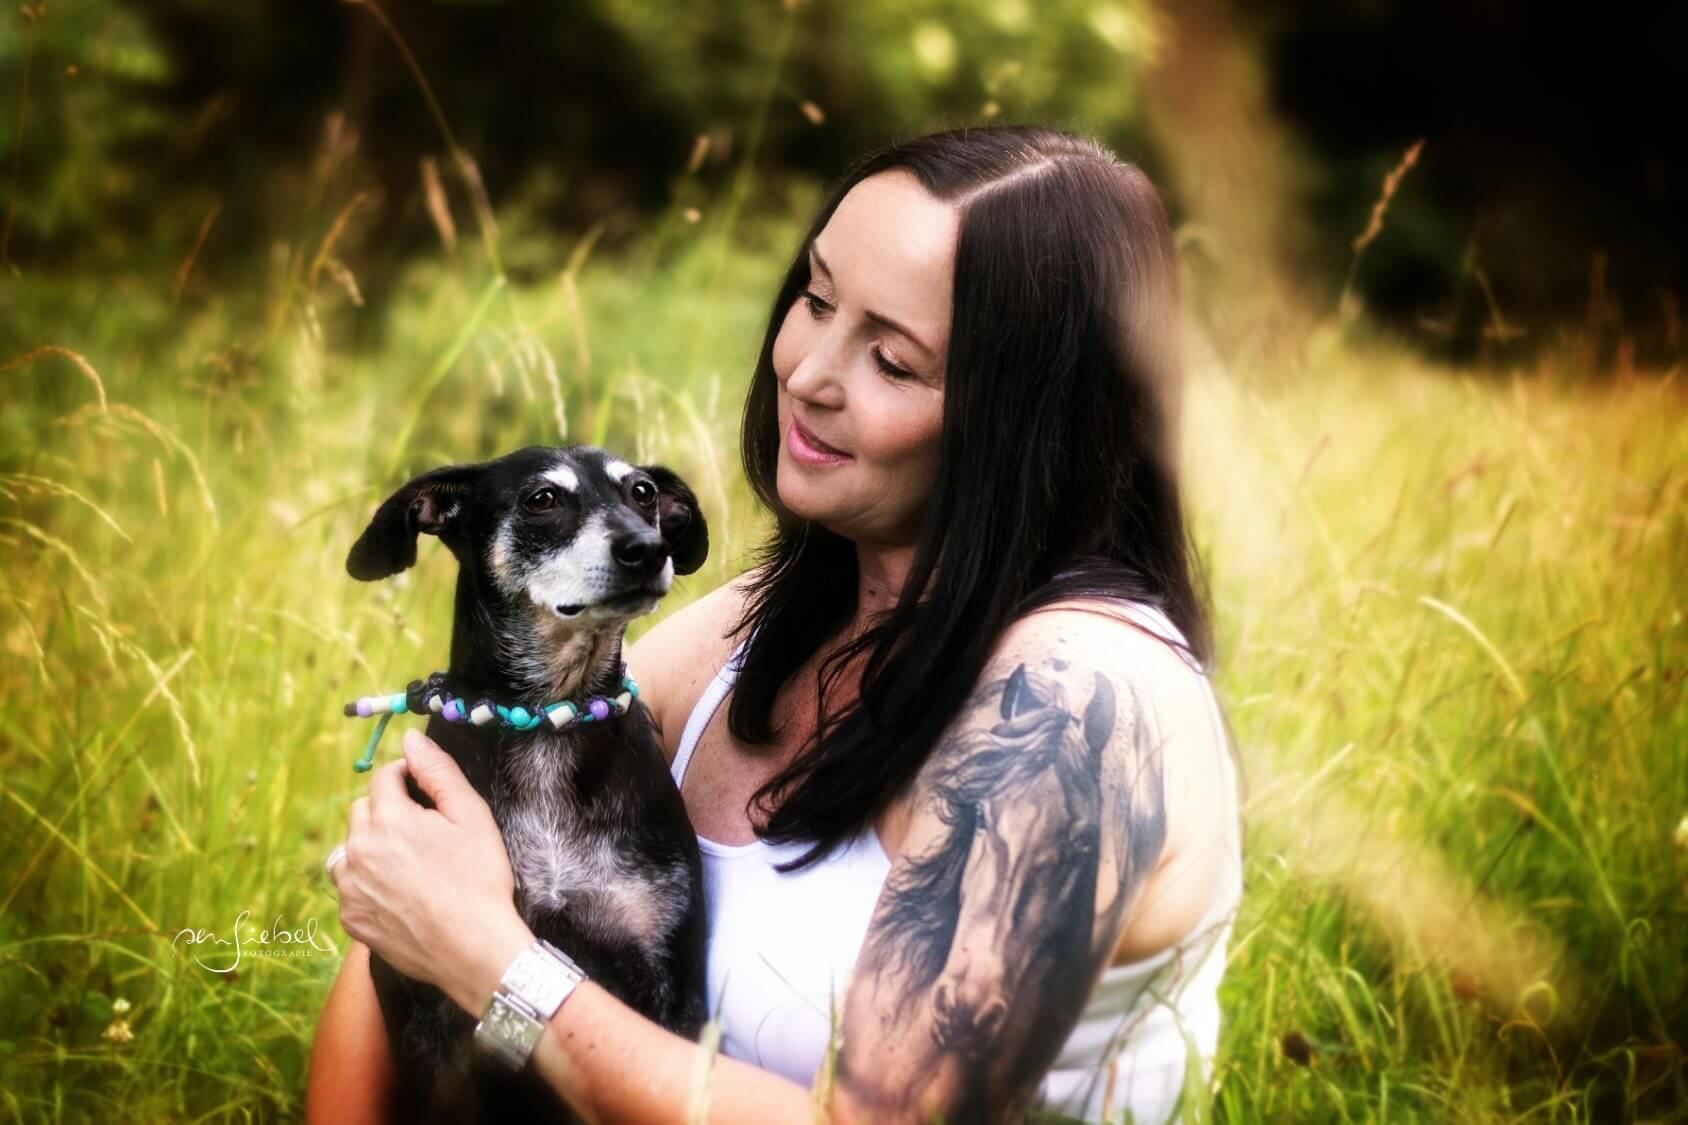 Tierfotografie I Menschen und Ihre Hunde I Hundefotografie I Katzenfotografie I Sensiebelfotografie. Mit Liebe zu Tieren unvergessliche Momente für immer festgehalten